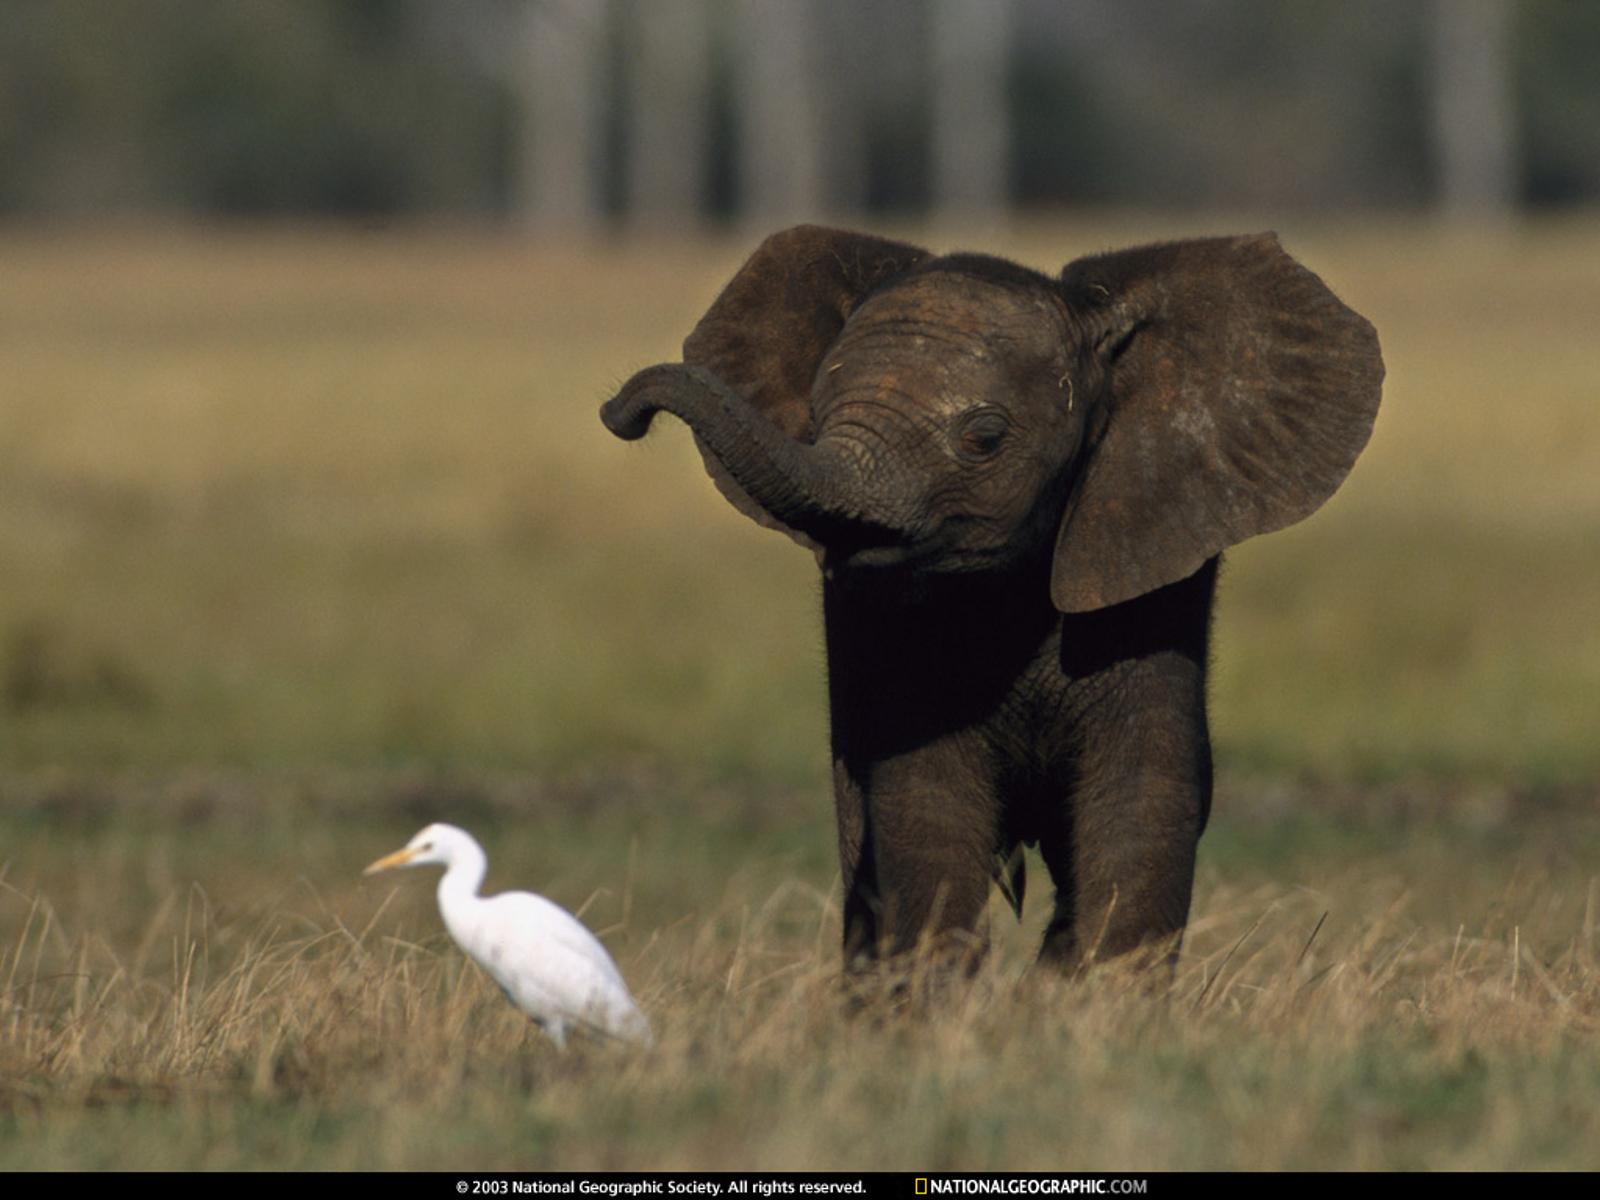 Elephants_wallpapers_292